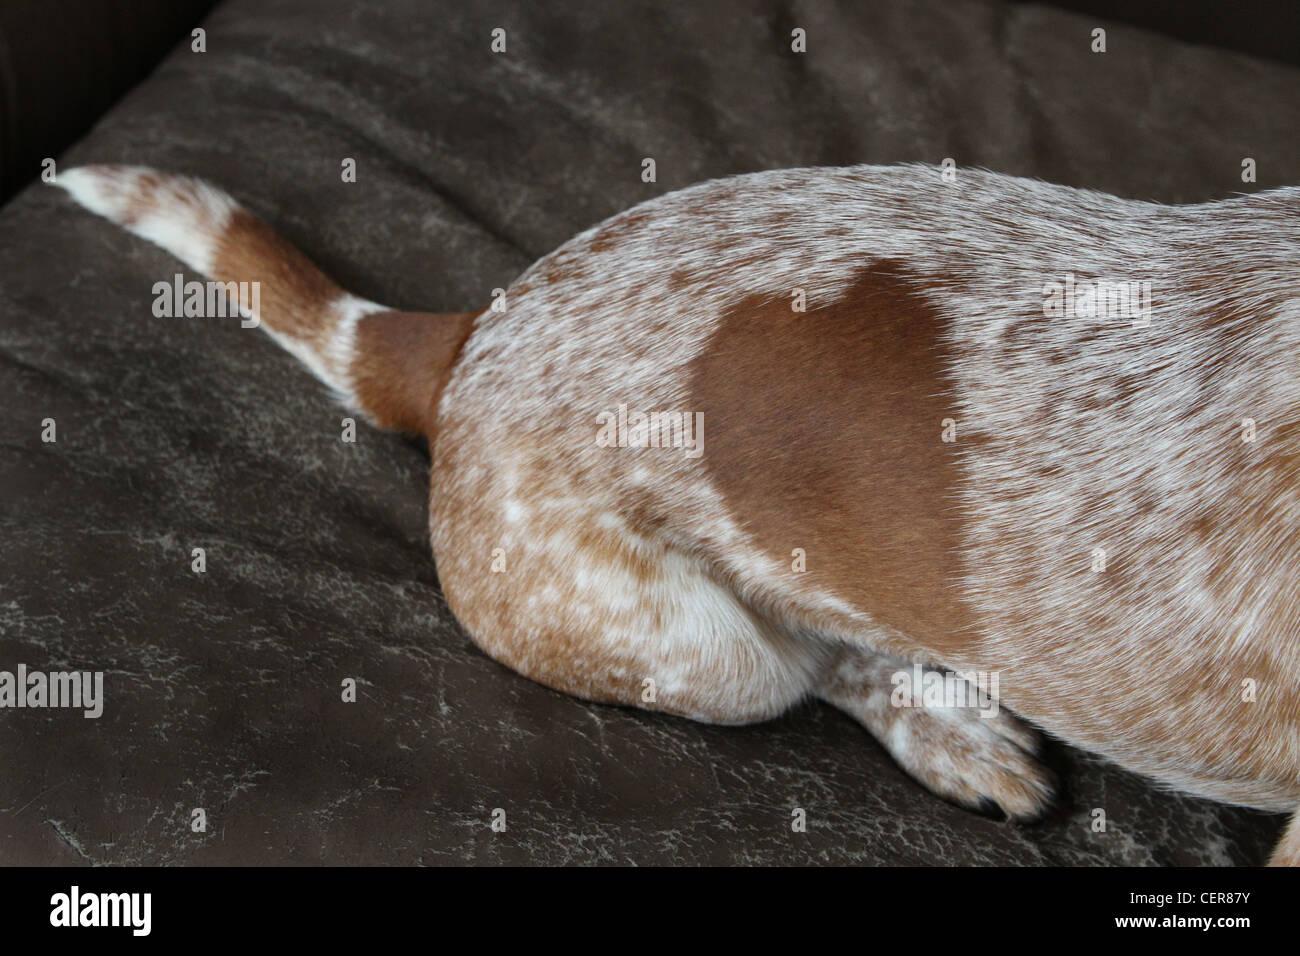 Una chiusura di uno a forma di cuore sul posto un cane. Immagini Stock